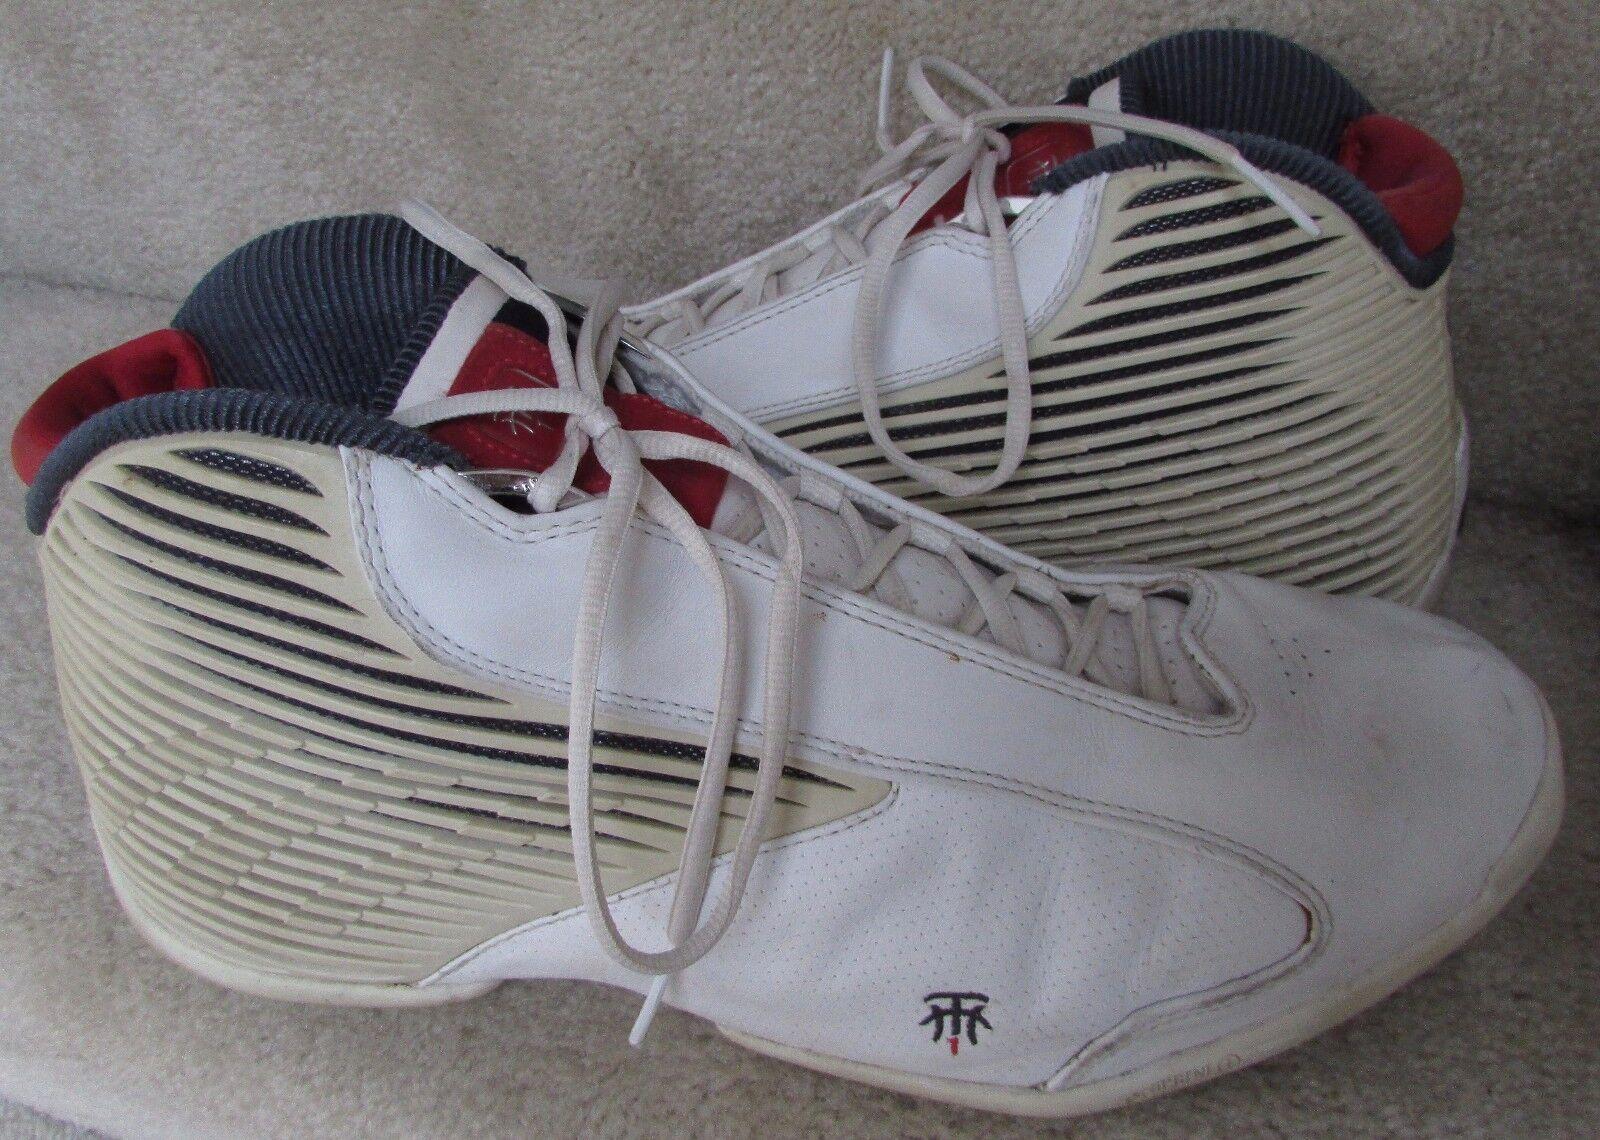 Adidas Zapatillas de Baloncesto Olímpico 2018 T - Mac sz 3.5 McGrady zapatos hombre sz Mac 14 bafeec